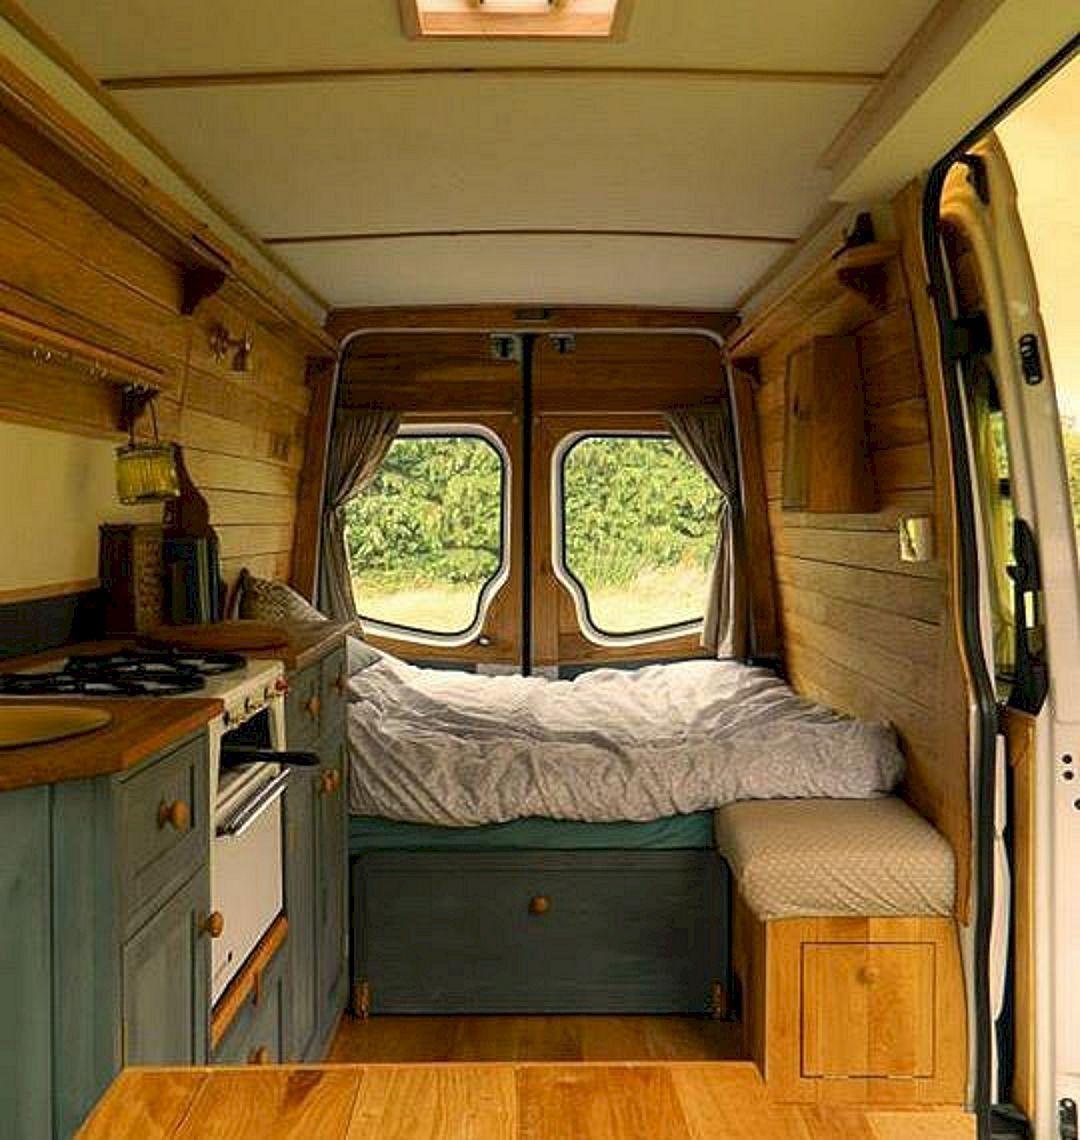 Adorable 60+ Impressive Interior Design and Decor Ideas